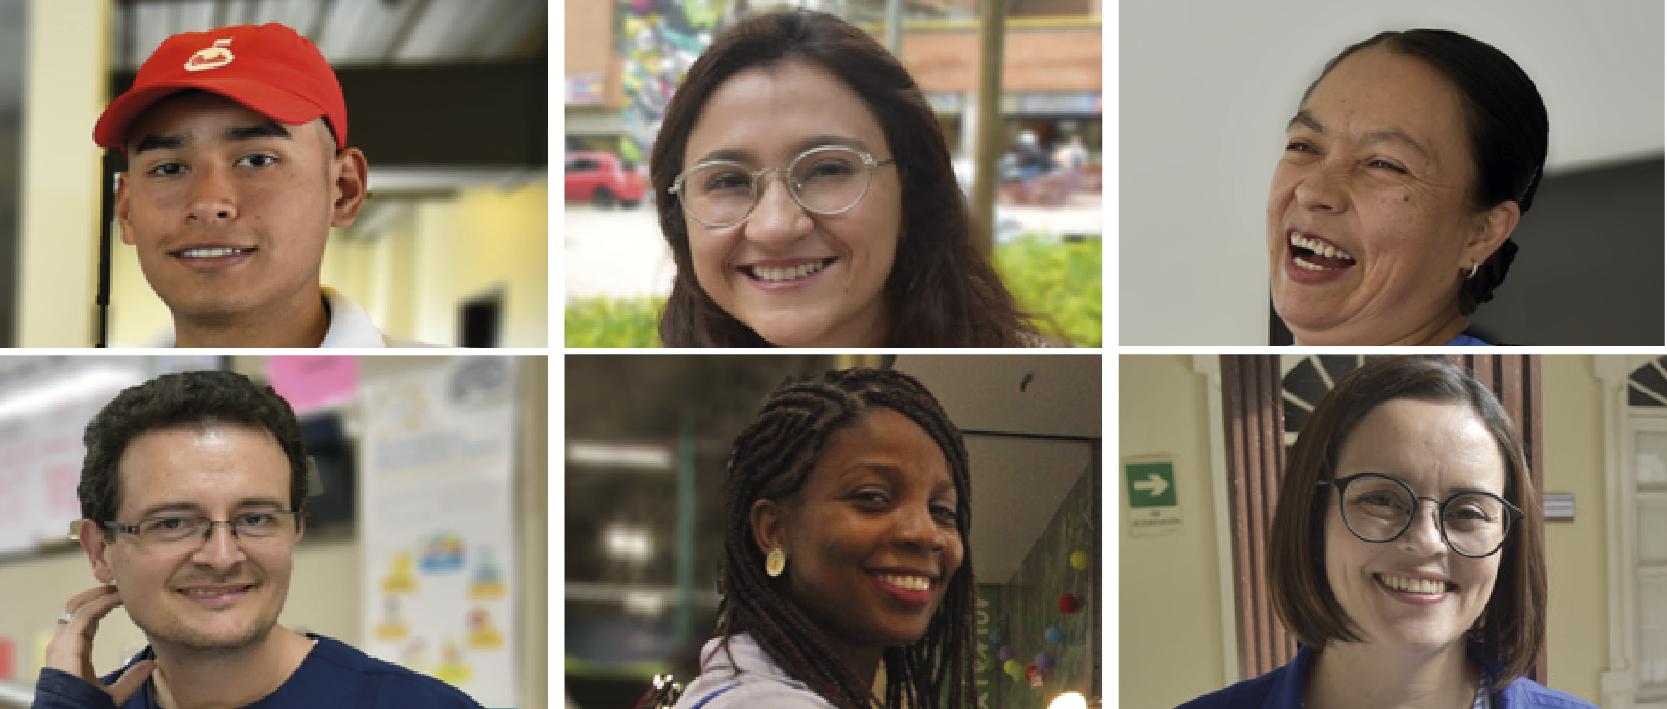 Prácticas inclusivas de empresas de laRutaInclusivaya impactan a cerca de 29.000 colombianos/as